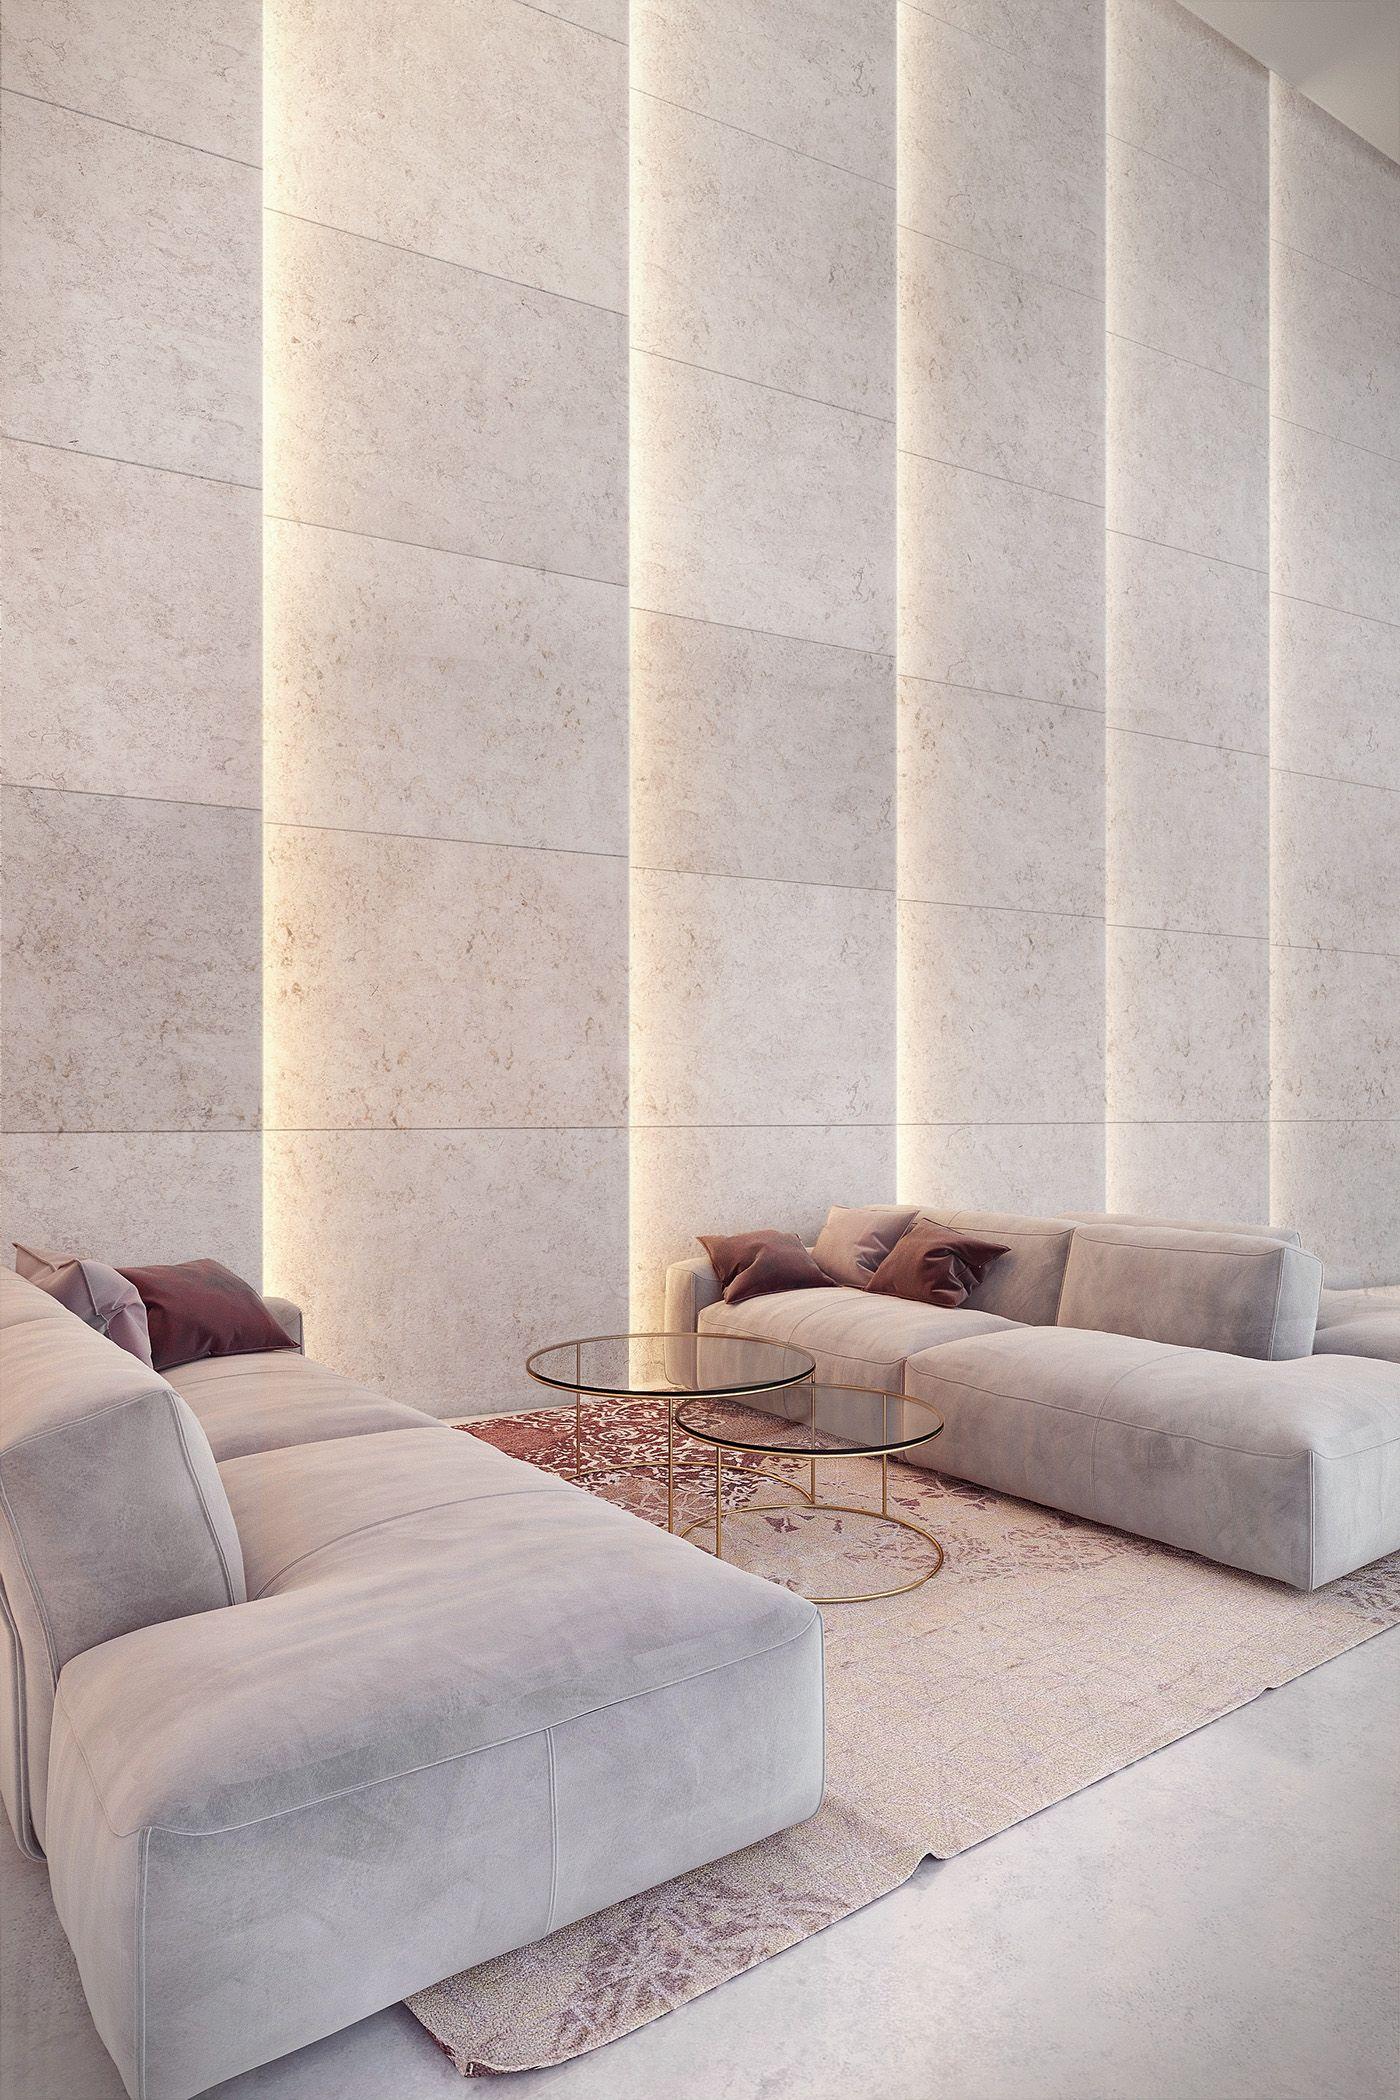 Image result for indirect lighting behind sofa recepci n Diseno de ambientes y arquitectura de interiores